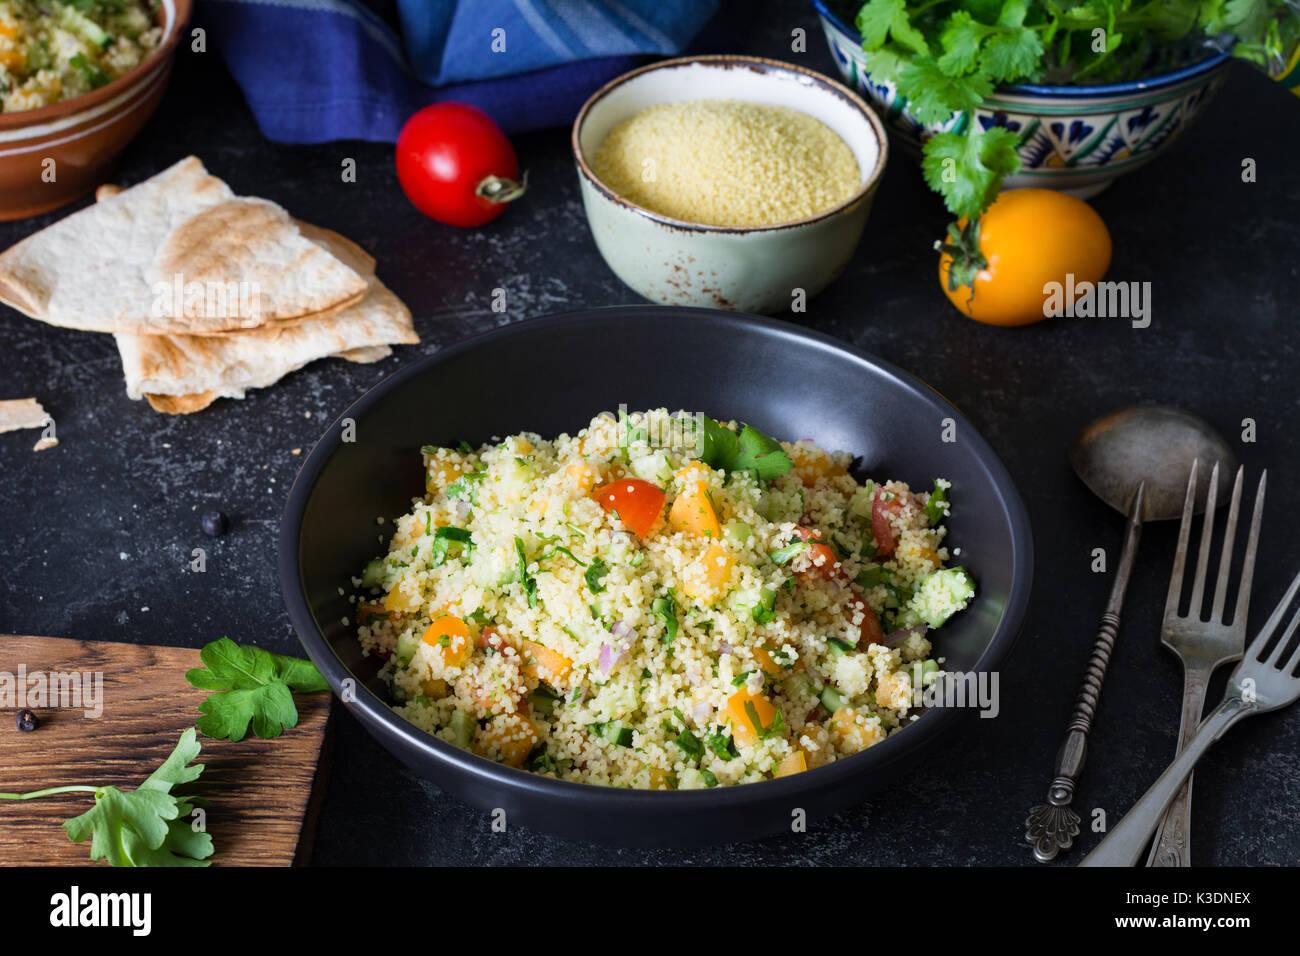 Cocina árabe libanés: deliciosa ensalada saludable con cous cous, vegetales frescos y verdes llamados tabbouleh tazón negro cocina auténtica. Imagen De Stock